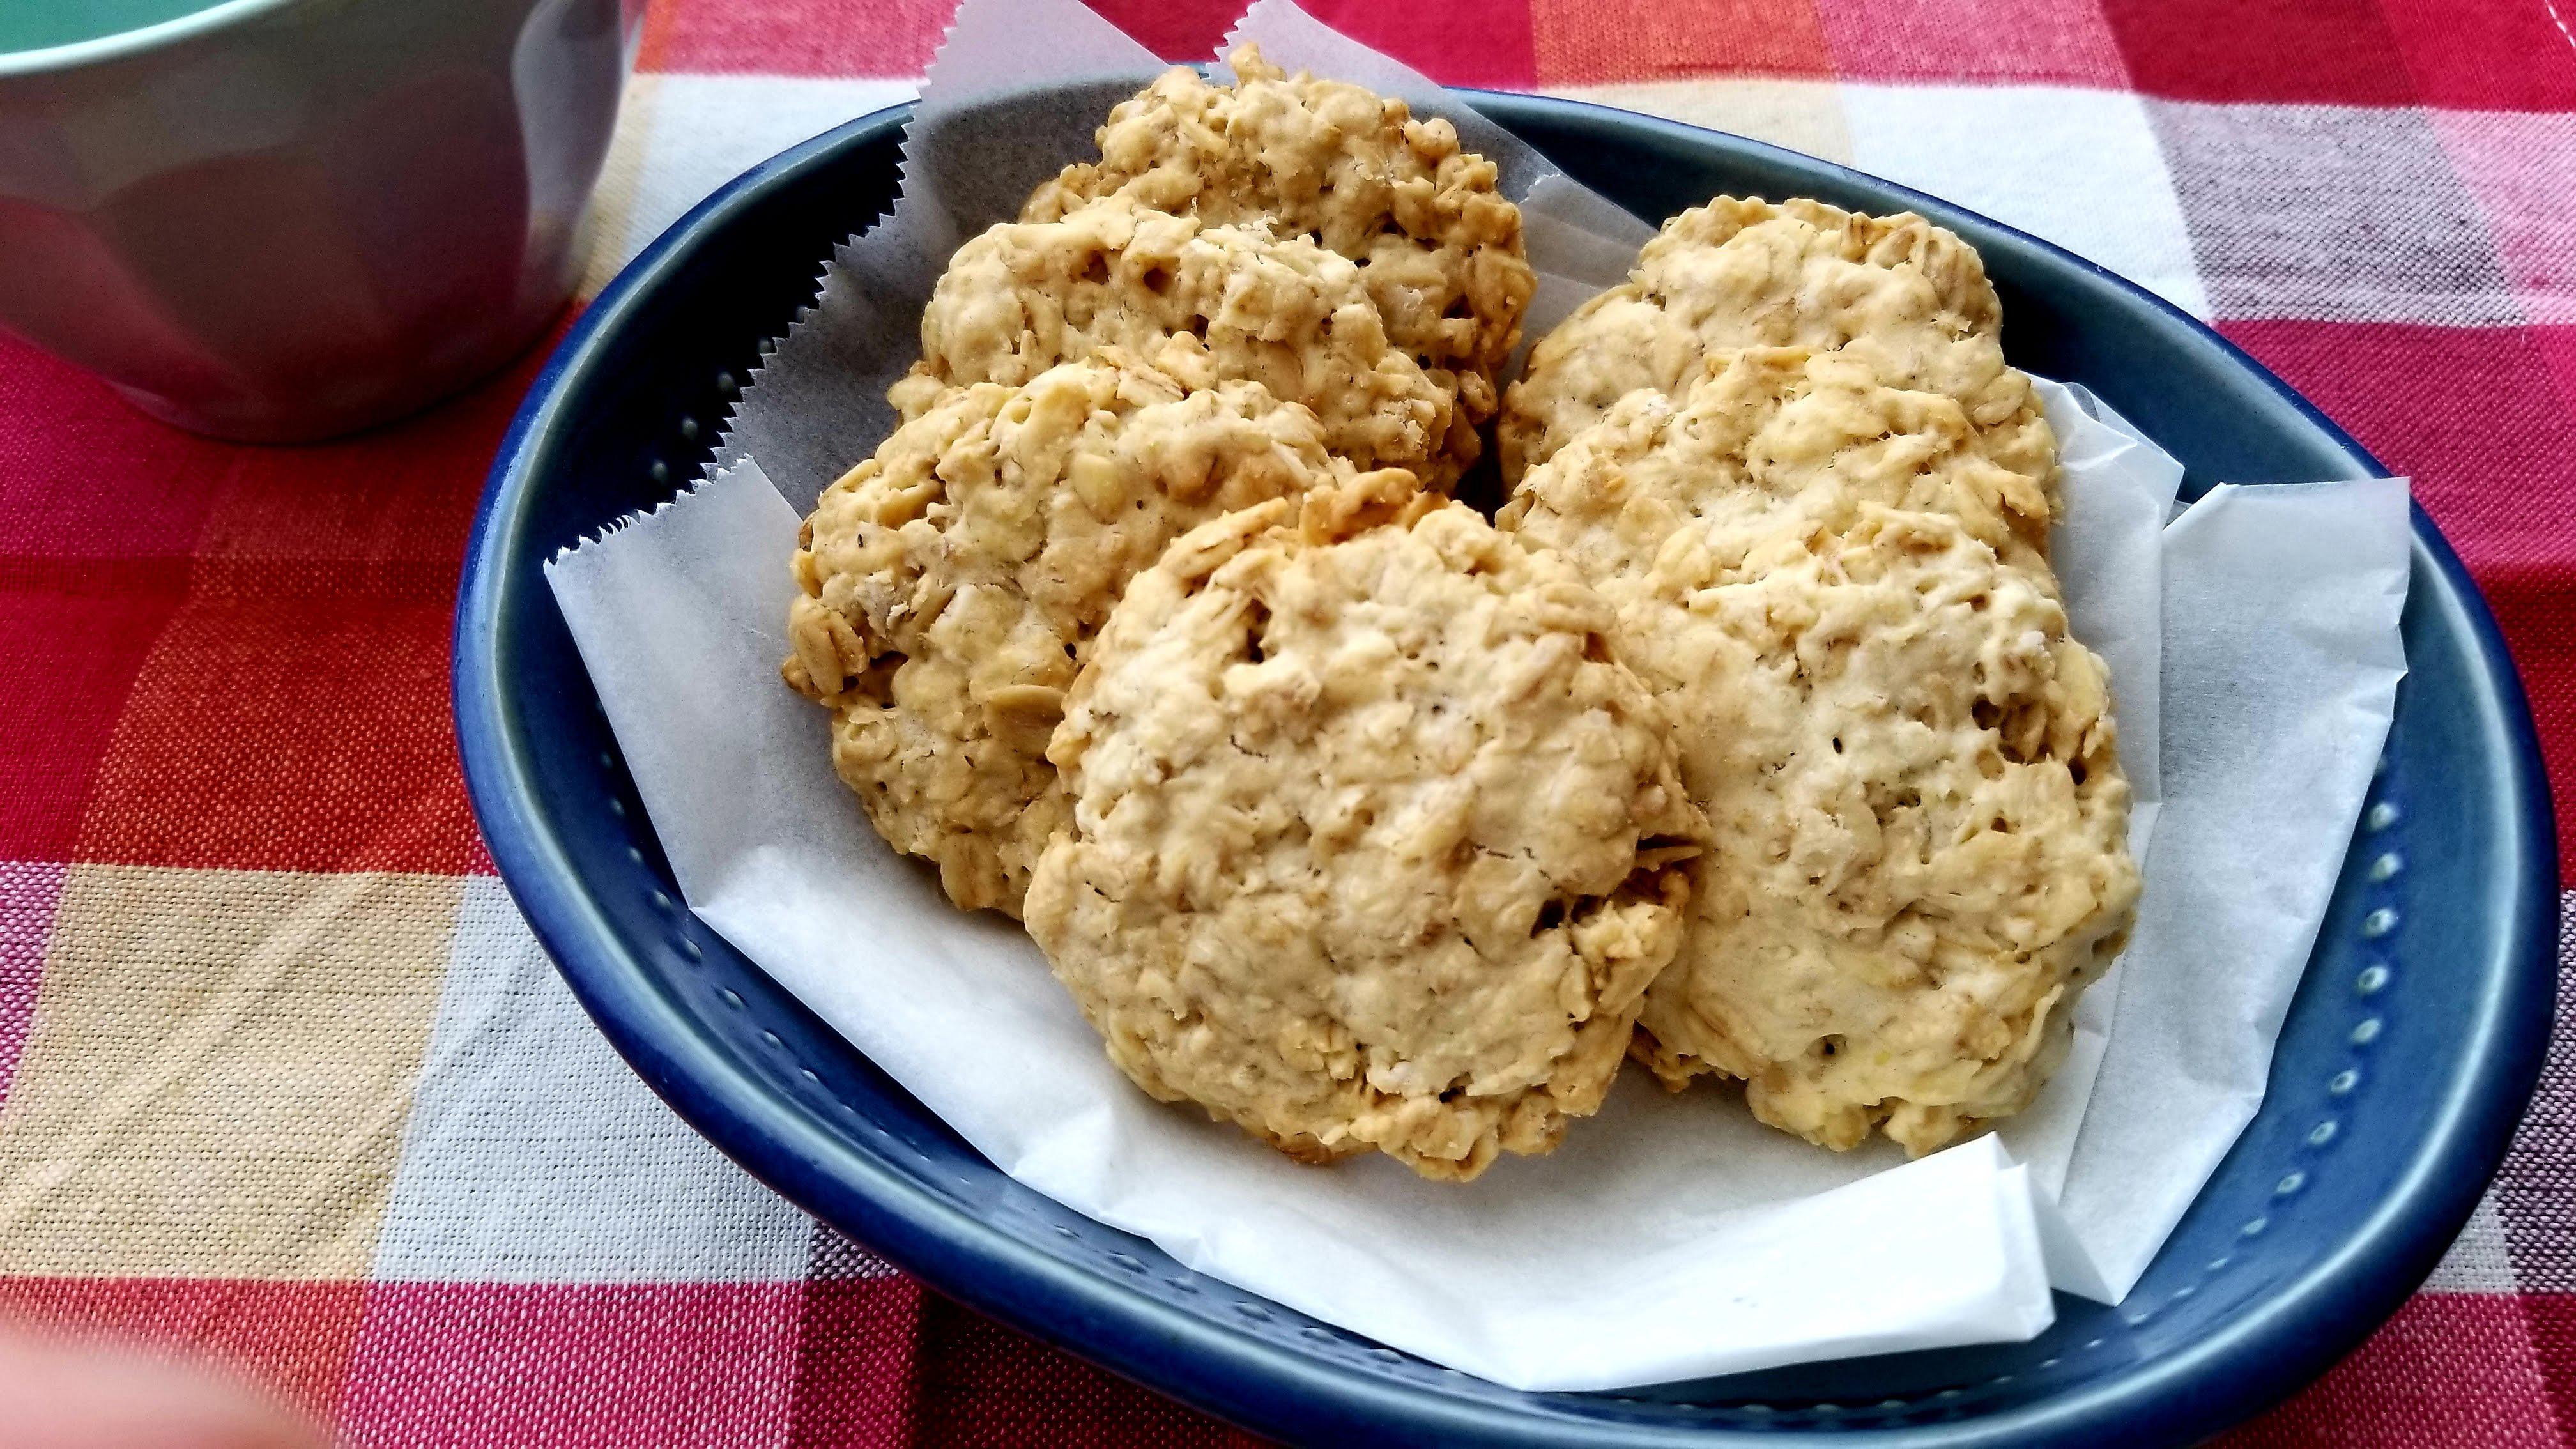 オートミールクッキー基本のレシピ